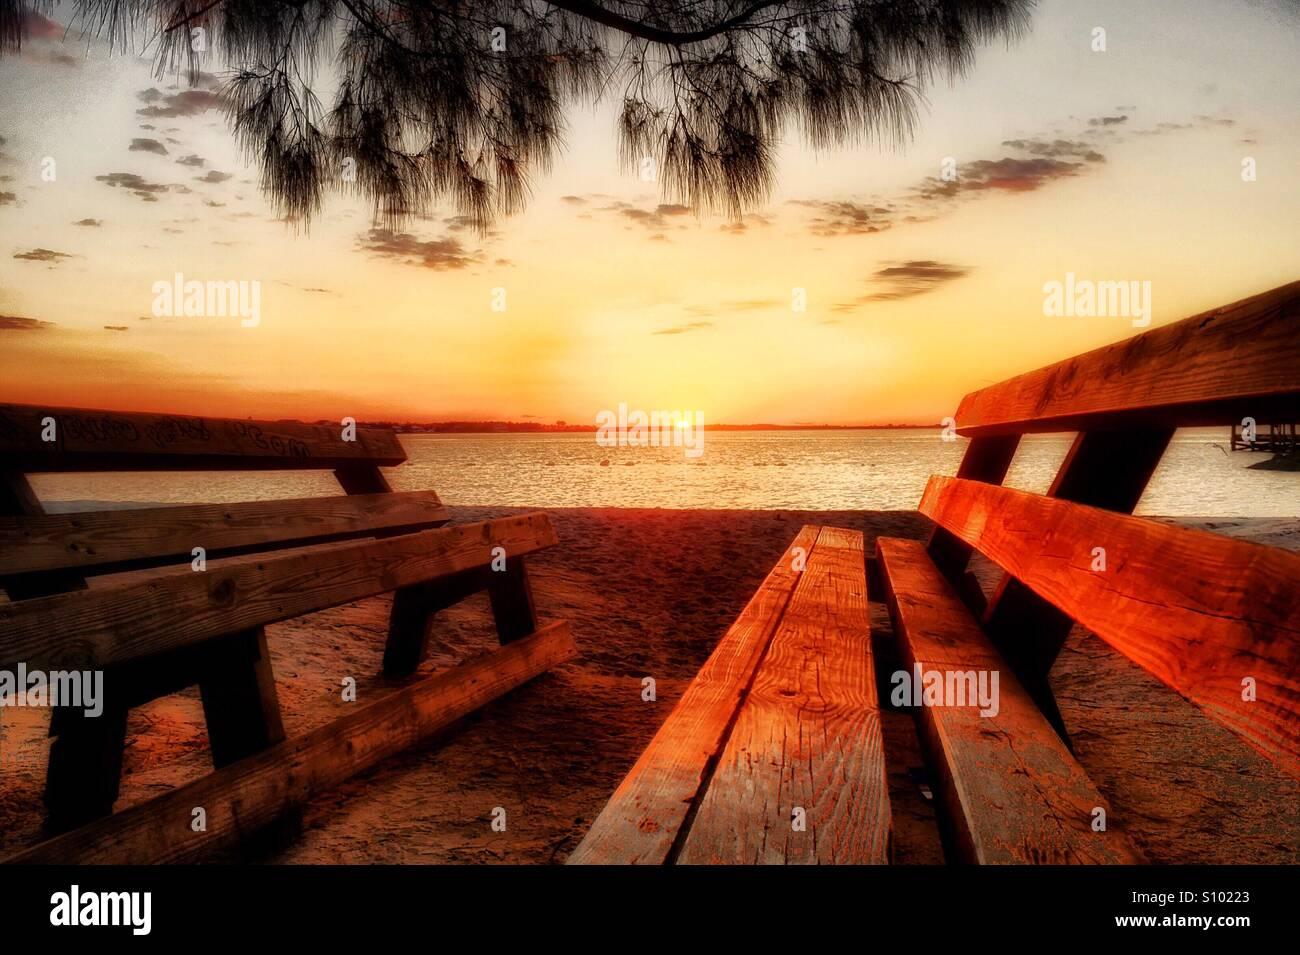 Idyllic spot for enjoying the sunrise. - Stock Image